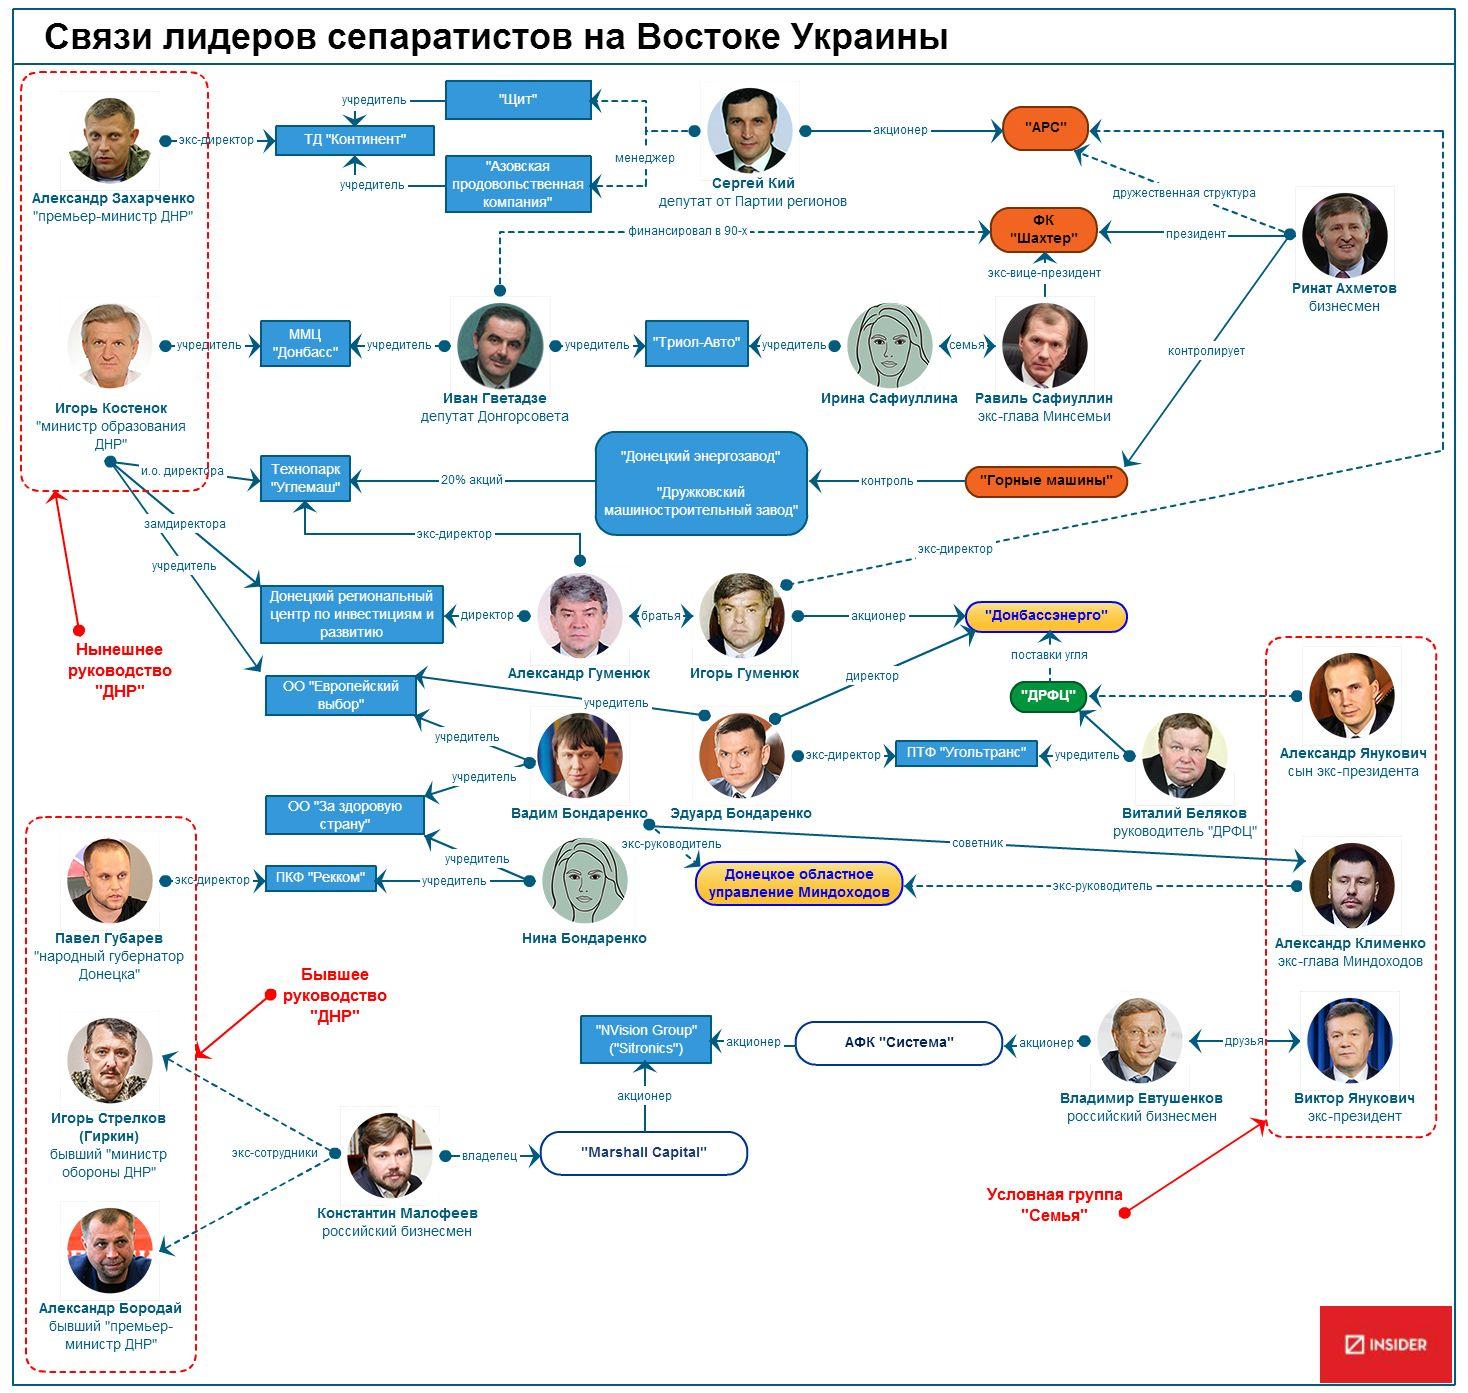 Zaharchenko-relationships.jpg